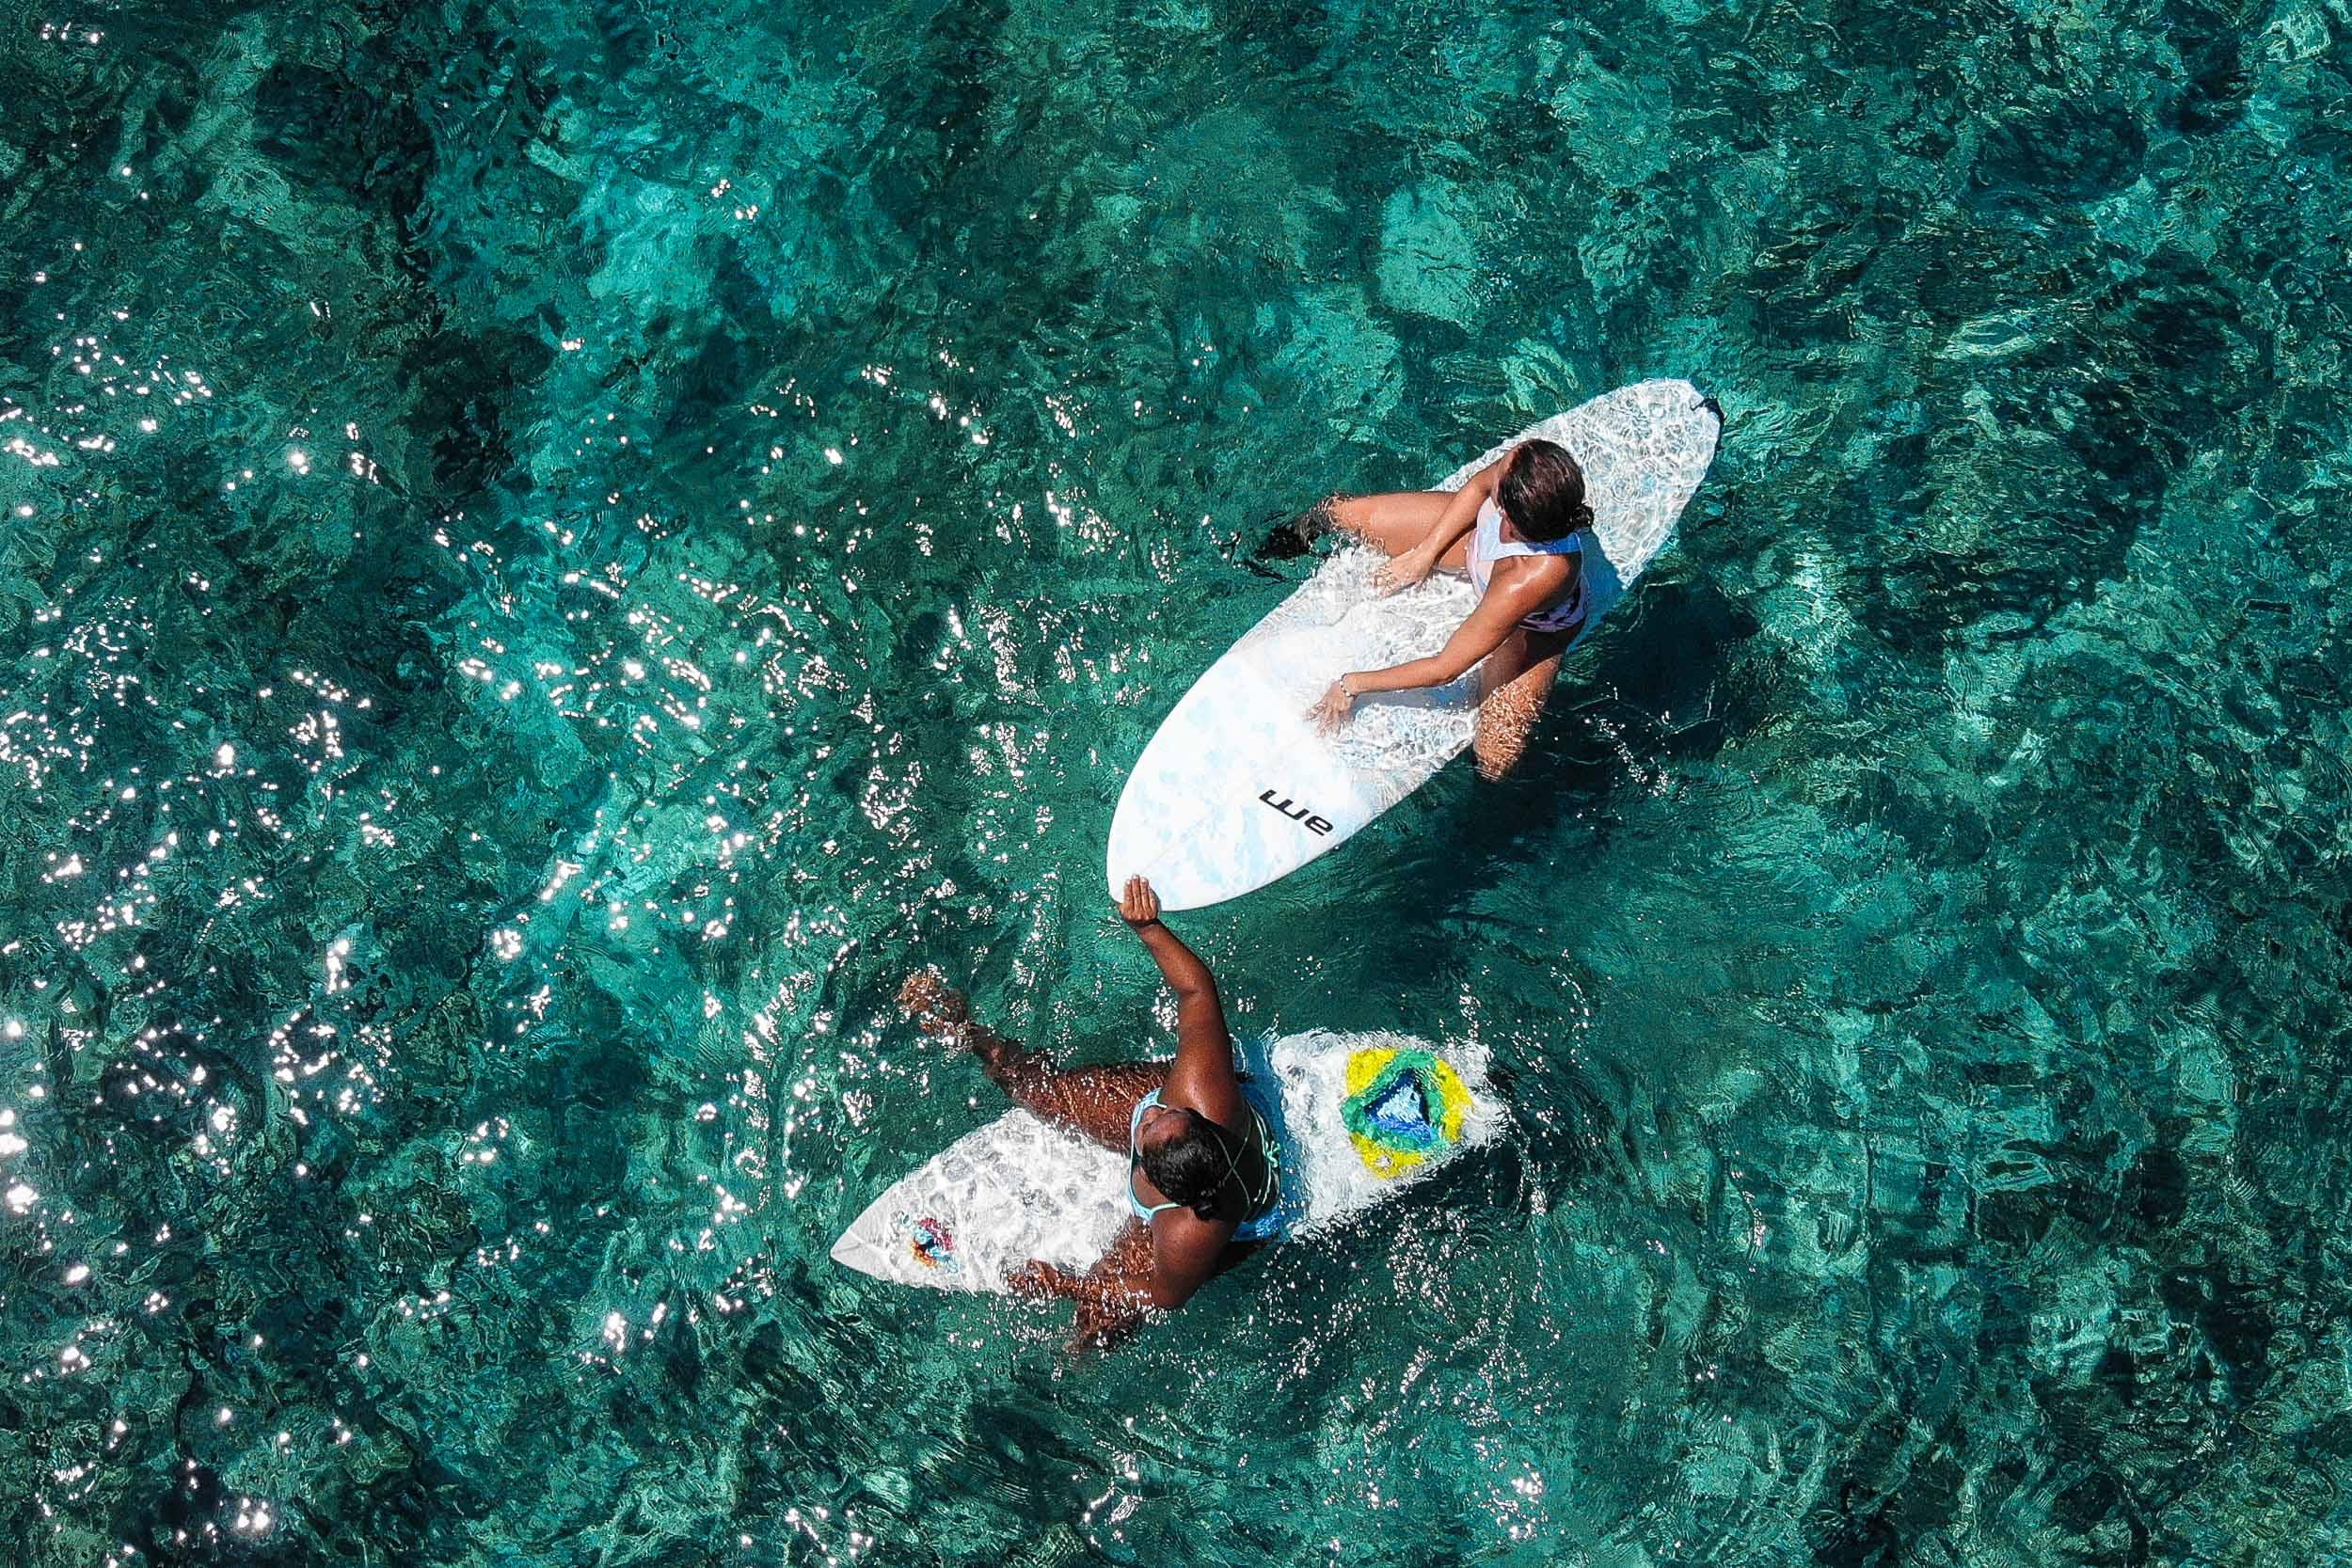 GirlsSurfingExperienceMALDIVAS-0389.jpg